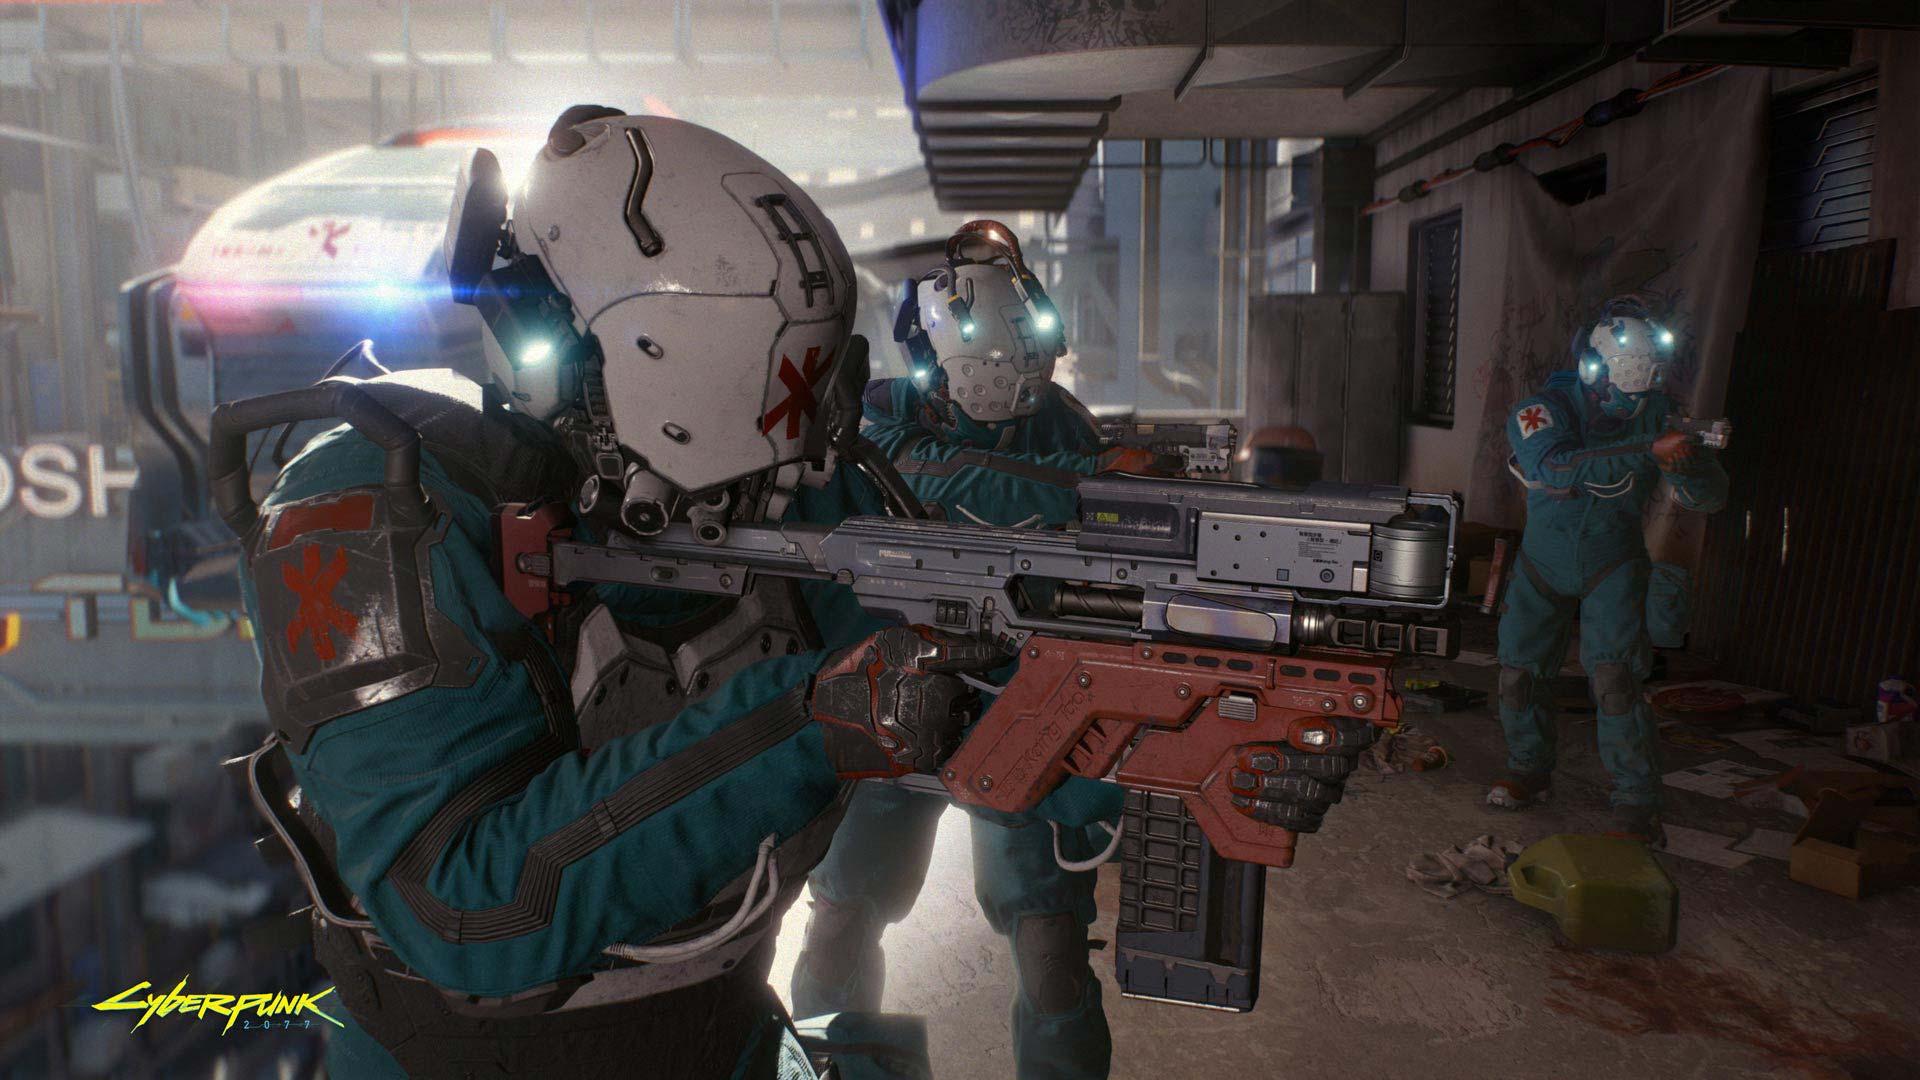 Cyberpunk 2077 Shooter